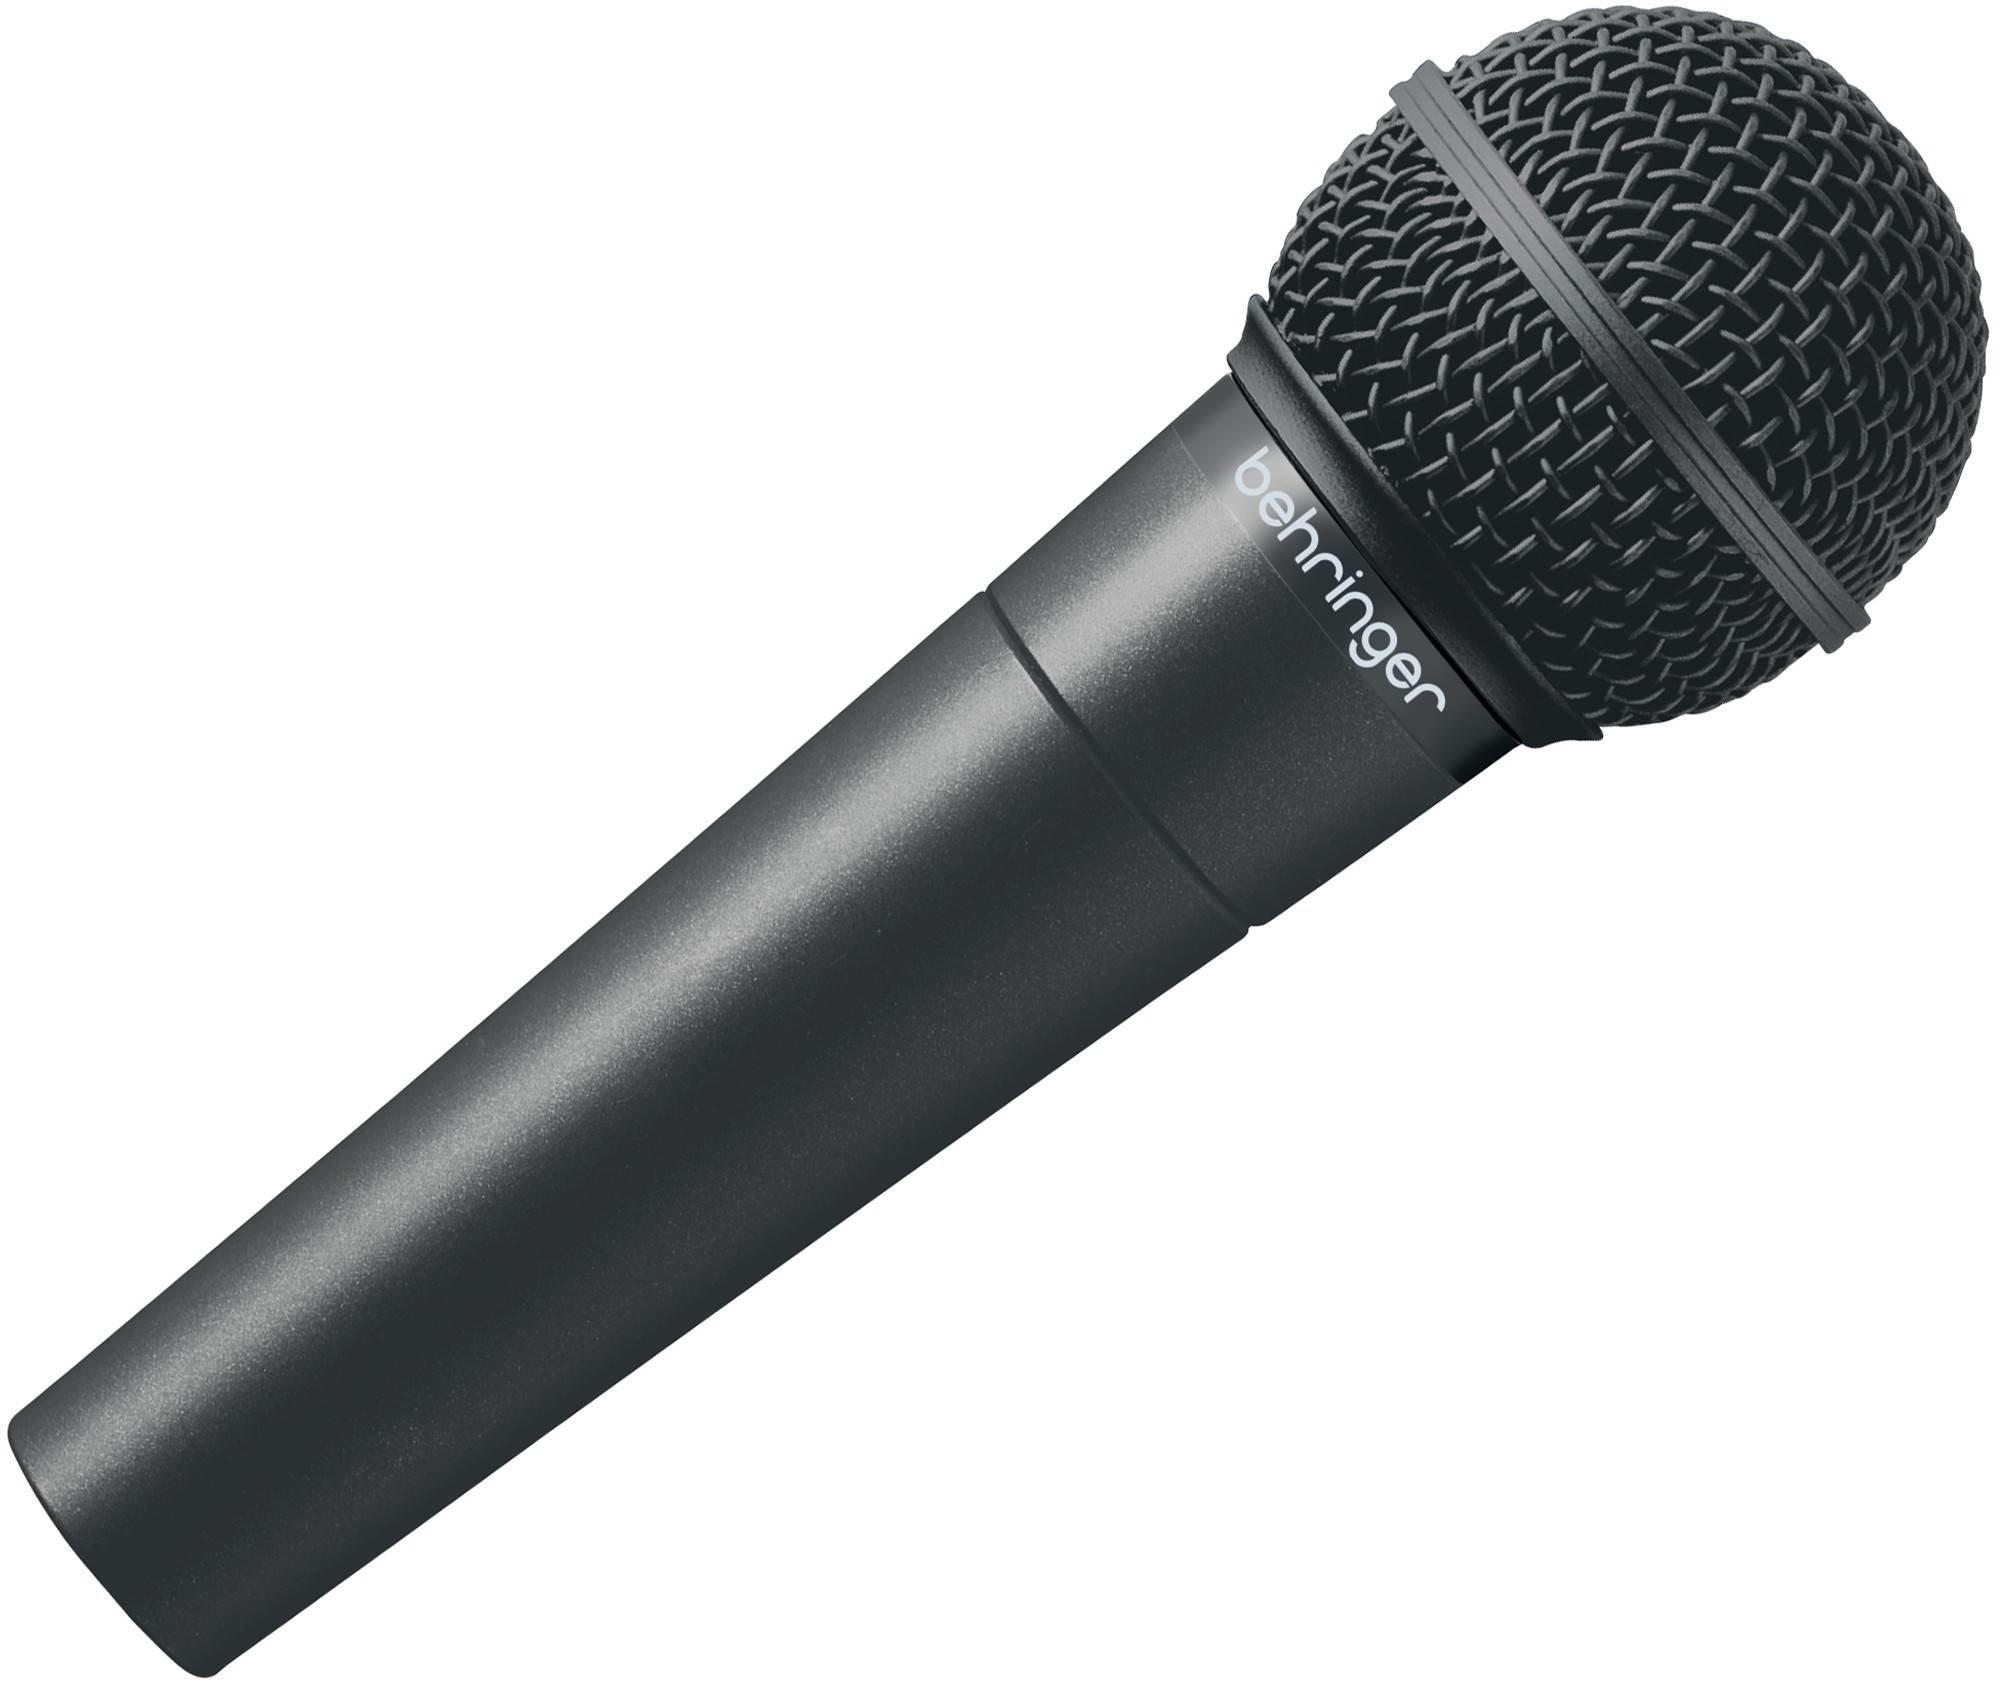 купить микрофон в интернет магазине